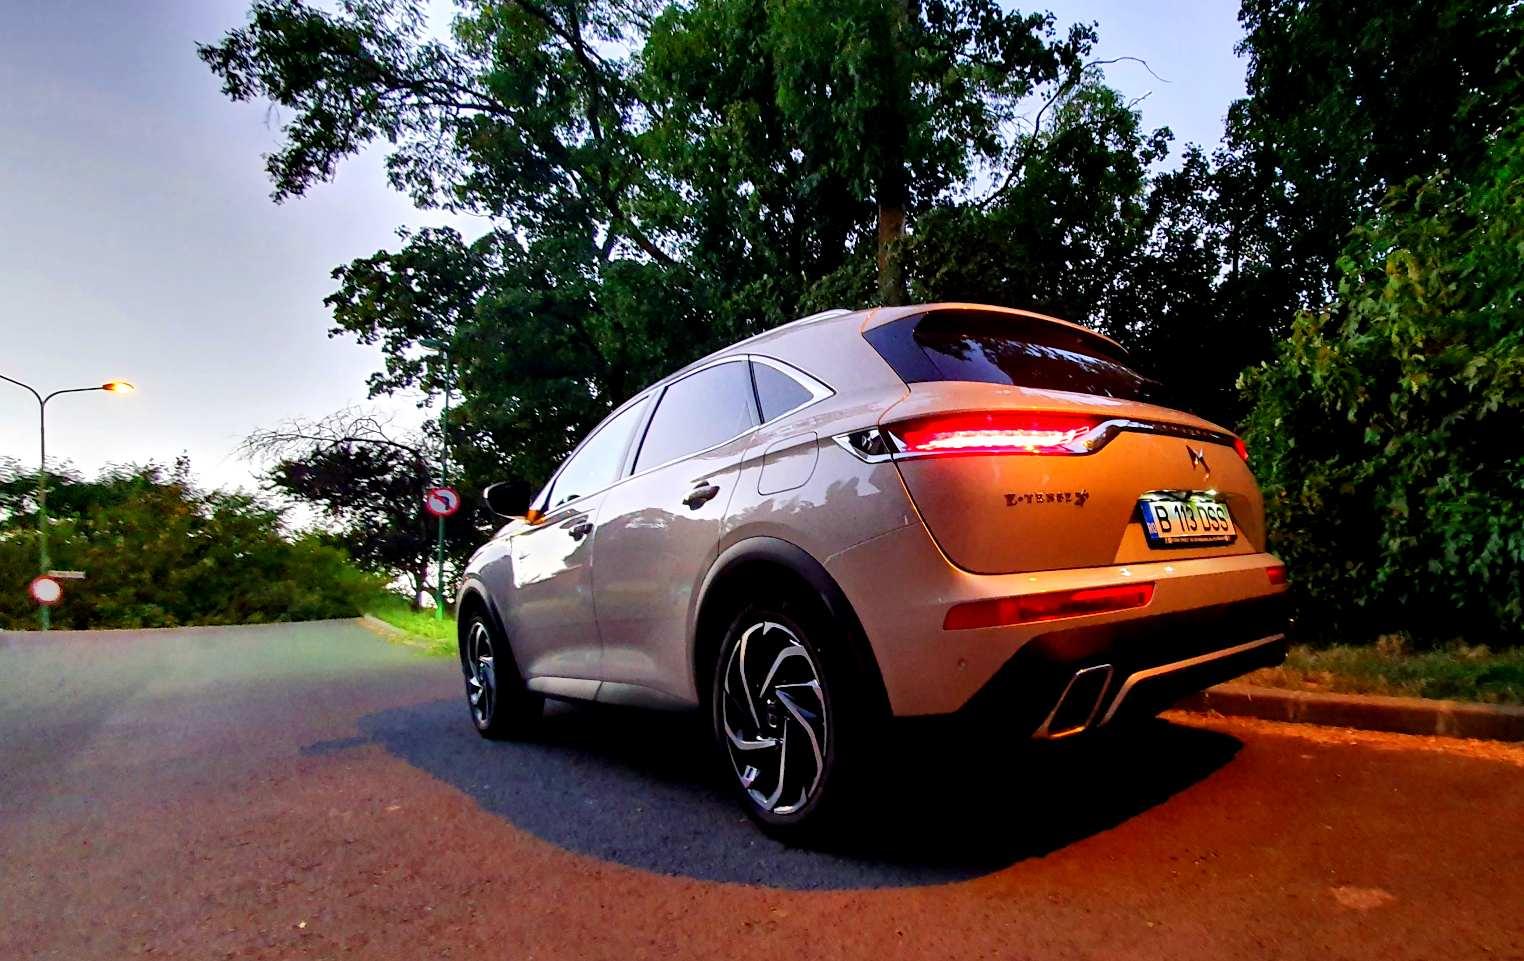 DS 7 Crossback E-Tense 4X4 Grand Chic Opera Mistral 1.6 PHEV AWD 300 CP e-EAT8 2021, test drive, drive test, ds7 autolatest, testeauto ds7 etense 4x4, autonomie, pret discount, review, 0-100 km/h, date tehnice, consum bucuresti